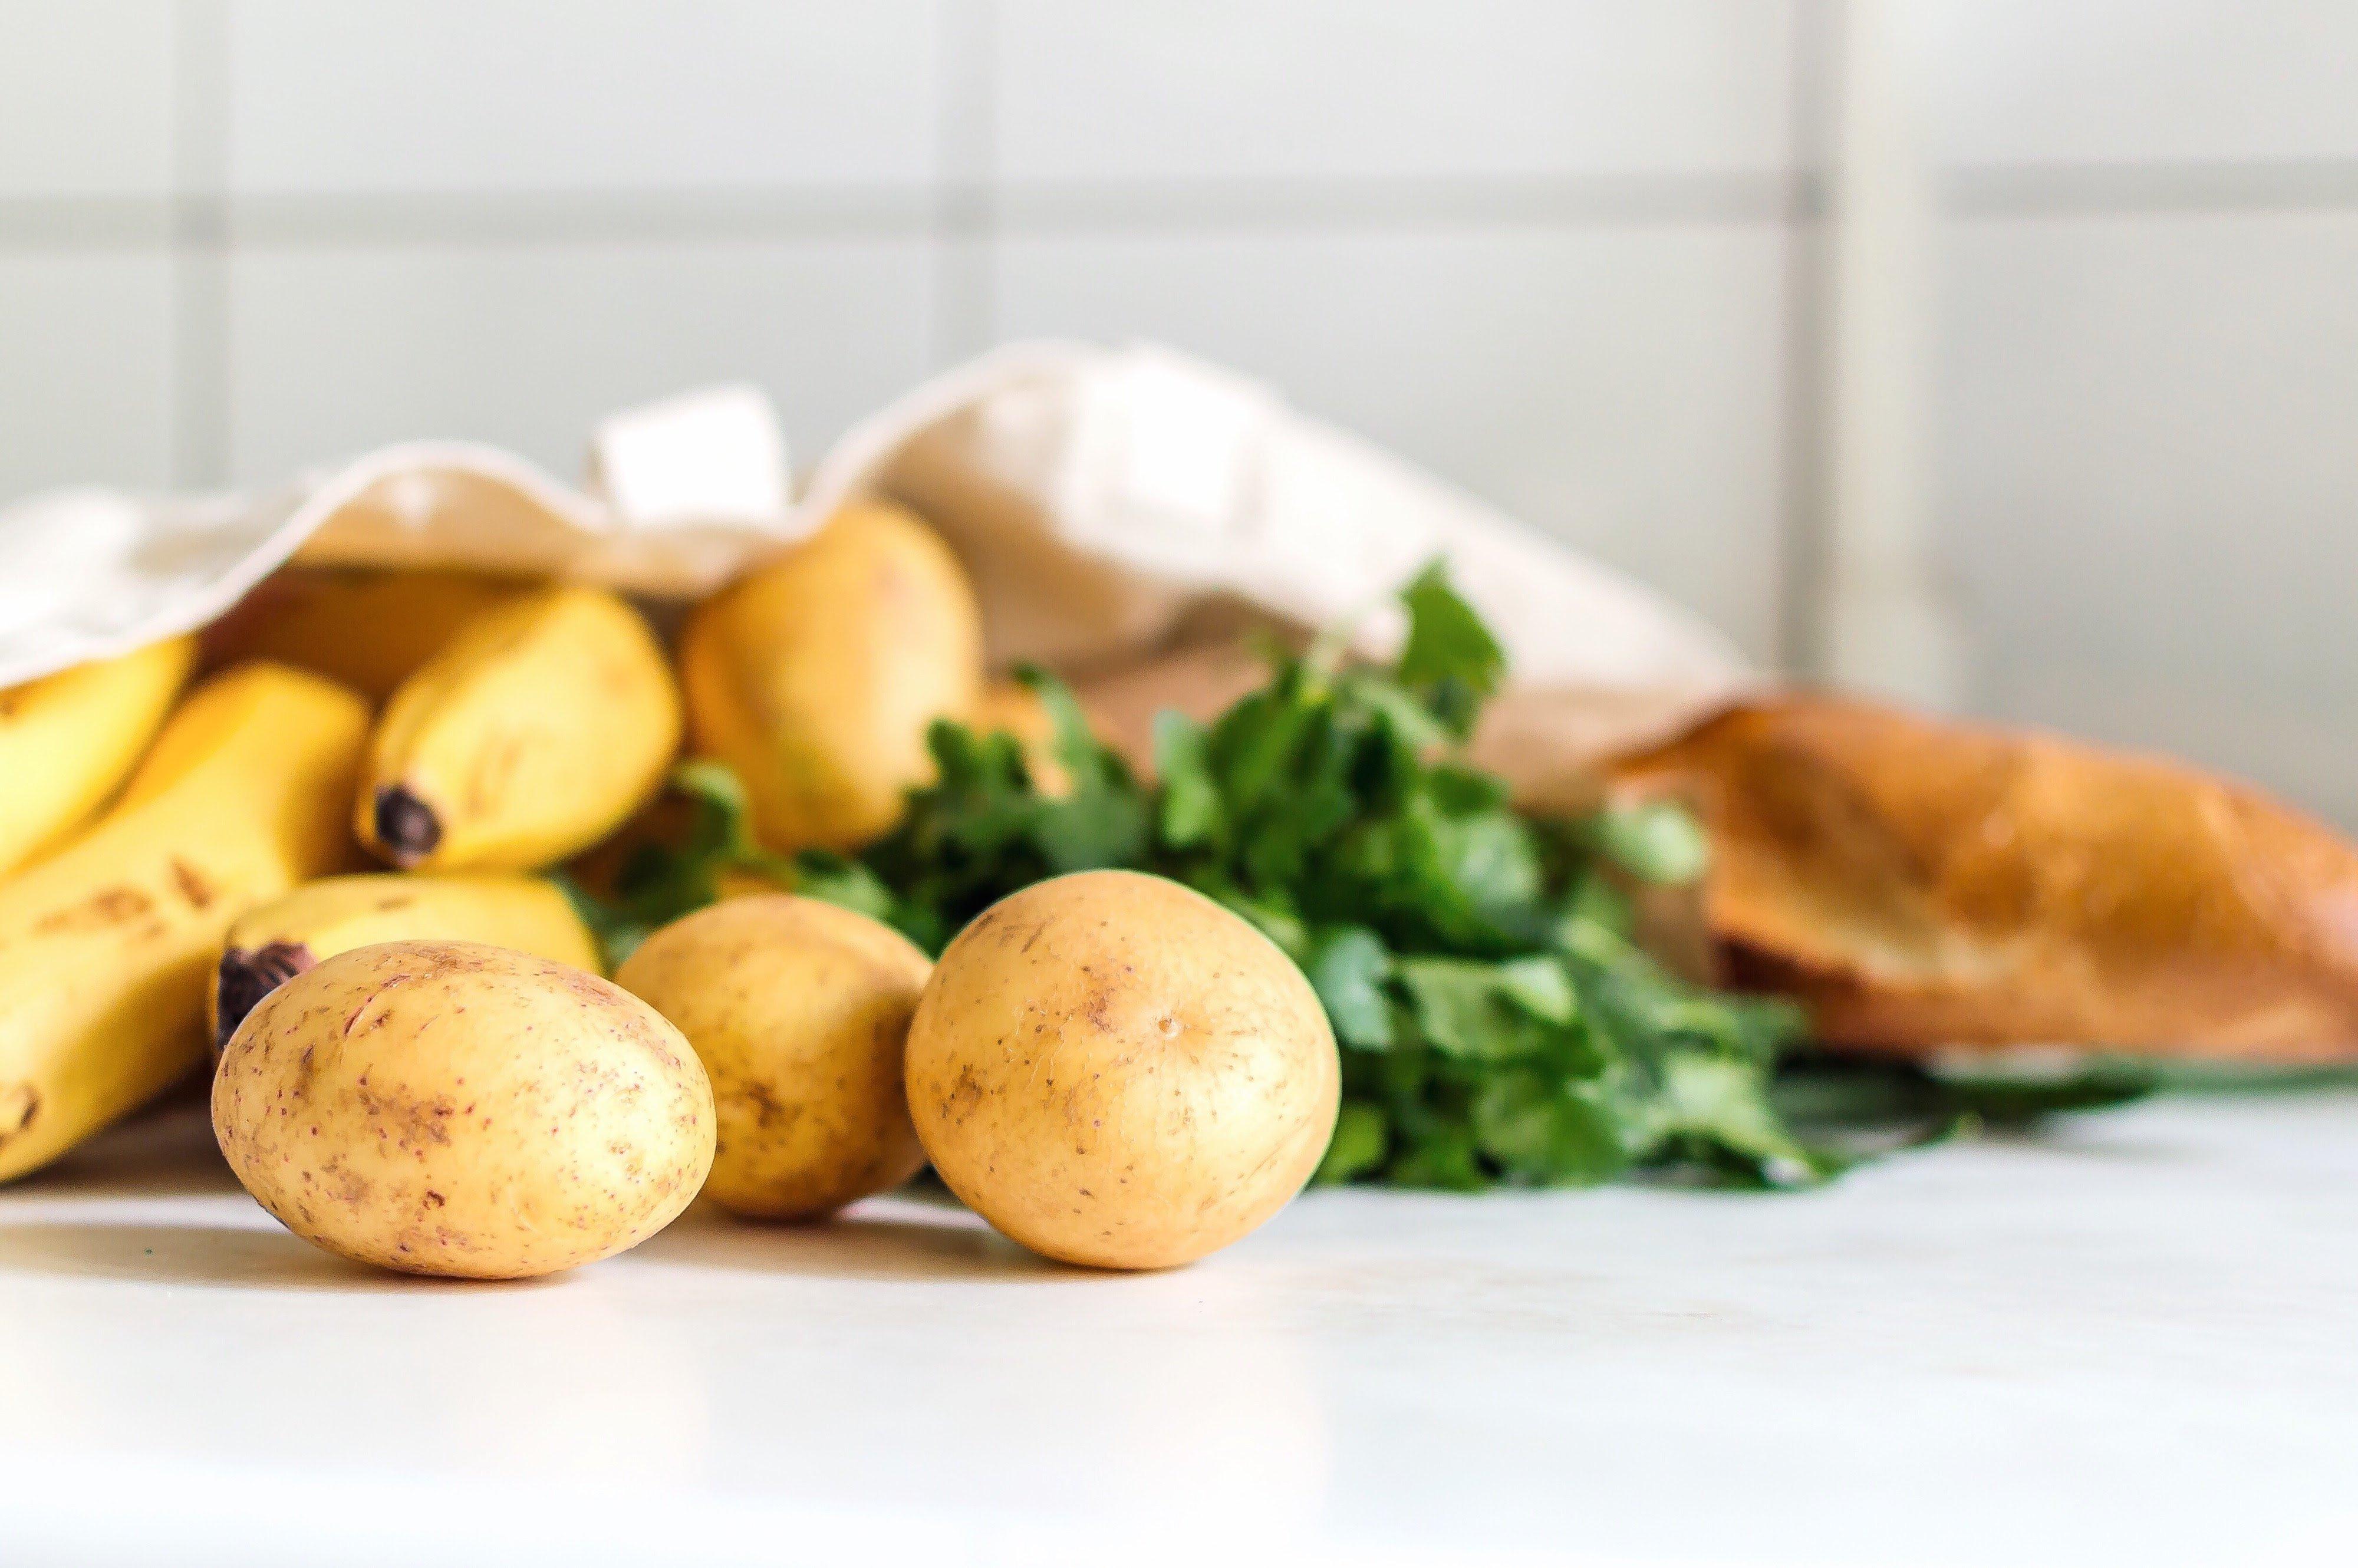 raccolta differenziata dell'umido cibo